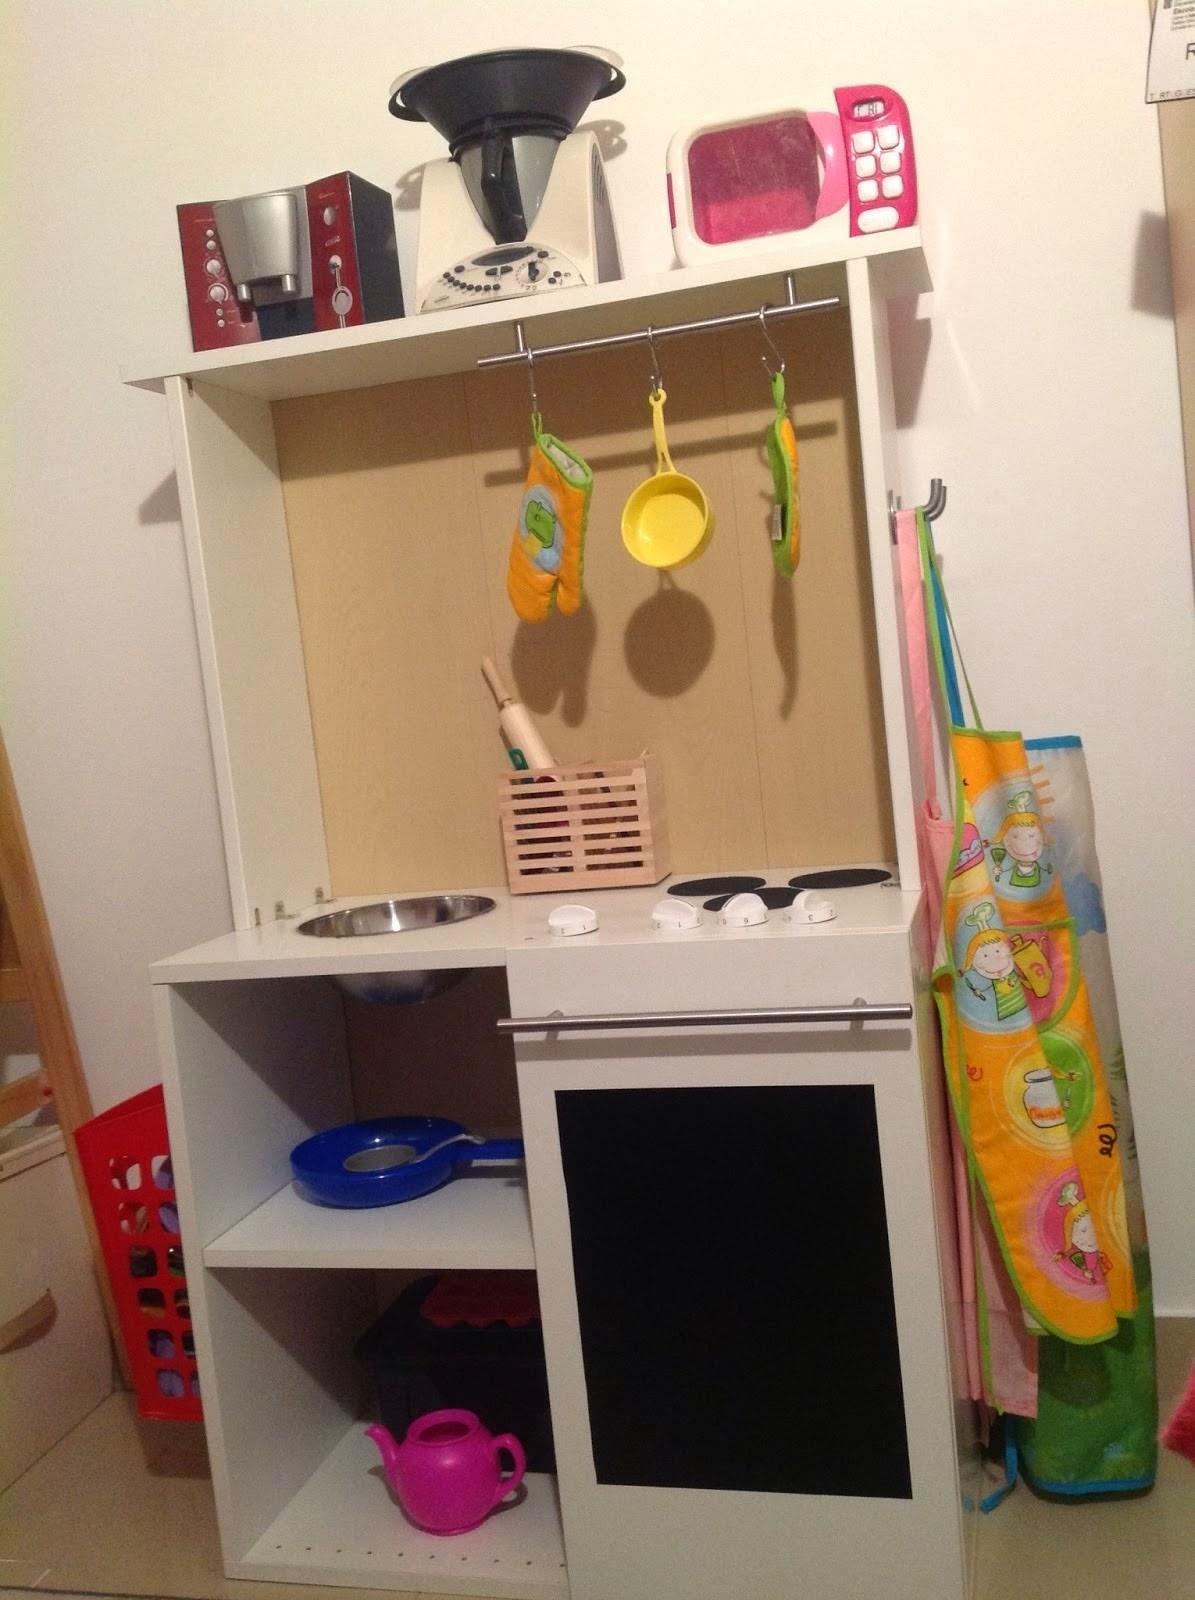 Una Cocina De Juguete En Un Mueble Faktum Mi Llave Allen # Muebles Cocina Ikea Faktum